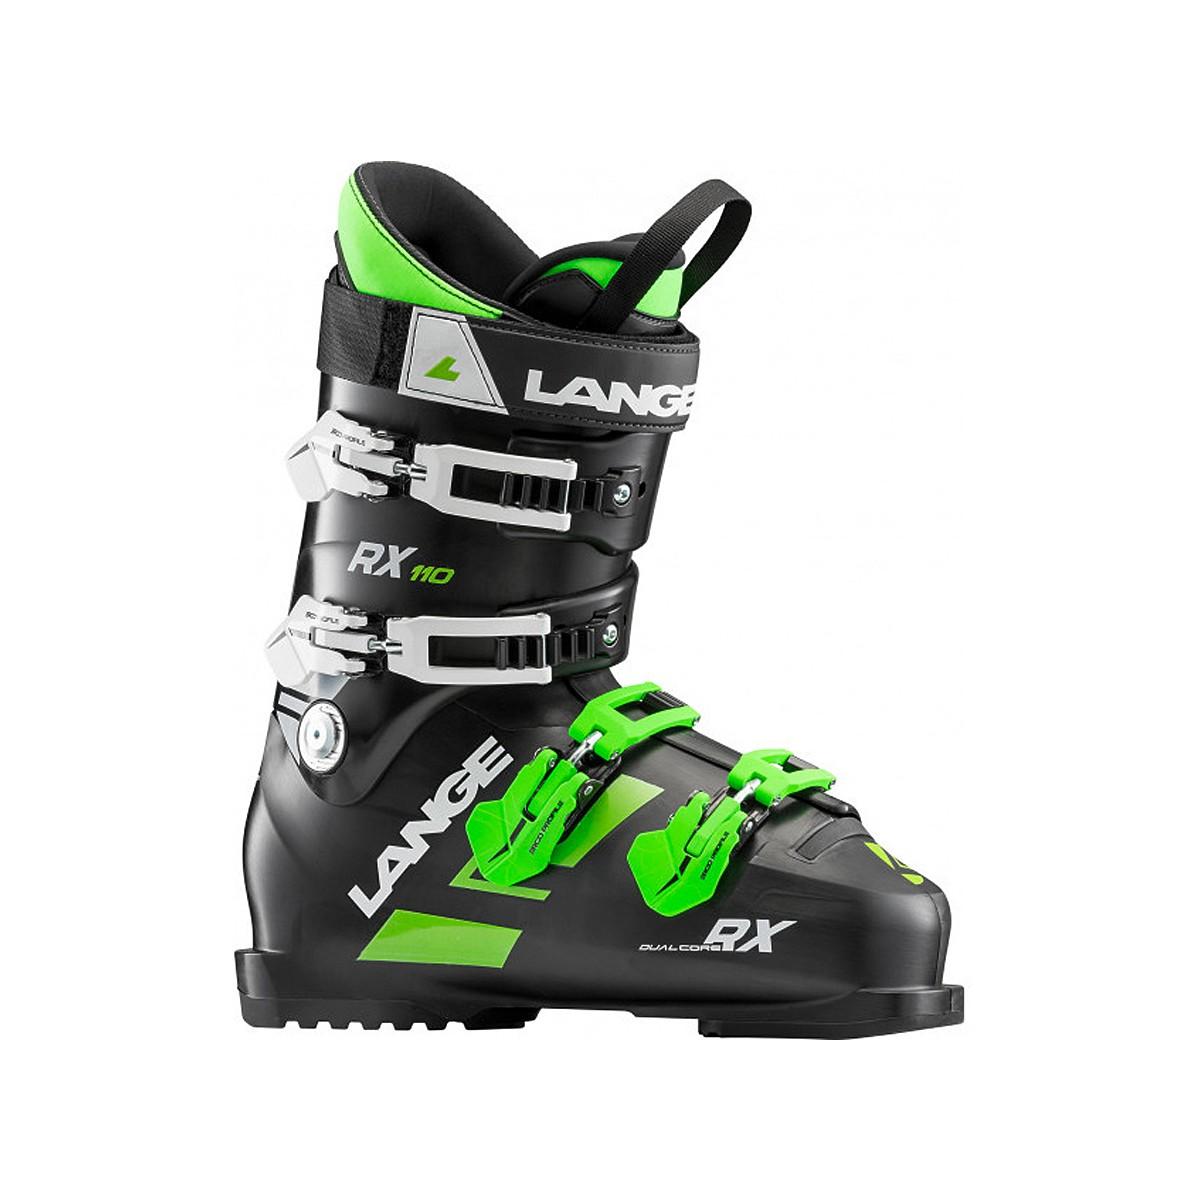 Scarponi sci Lange Rx 110 (Colore: nero-verde, Taglia: 30)